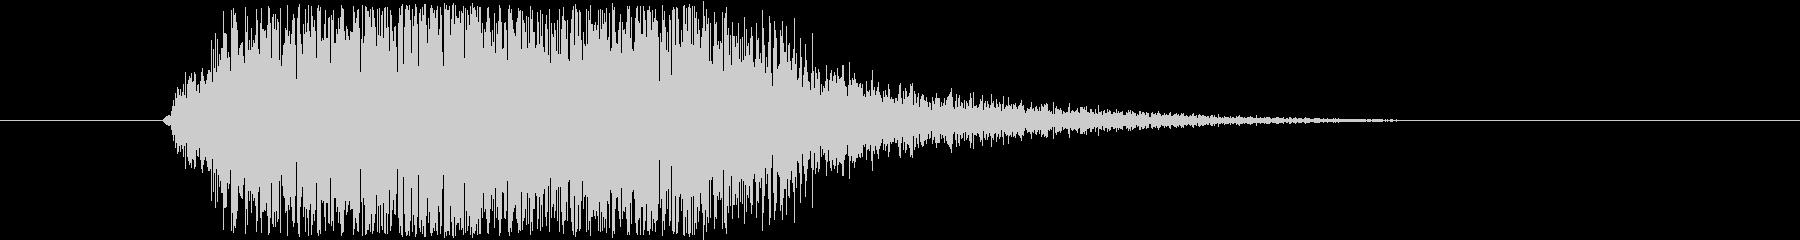 近未来SFボタン音ビープ音クリック音24の未再生の波形